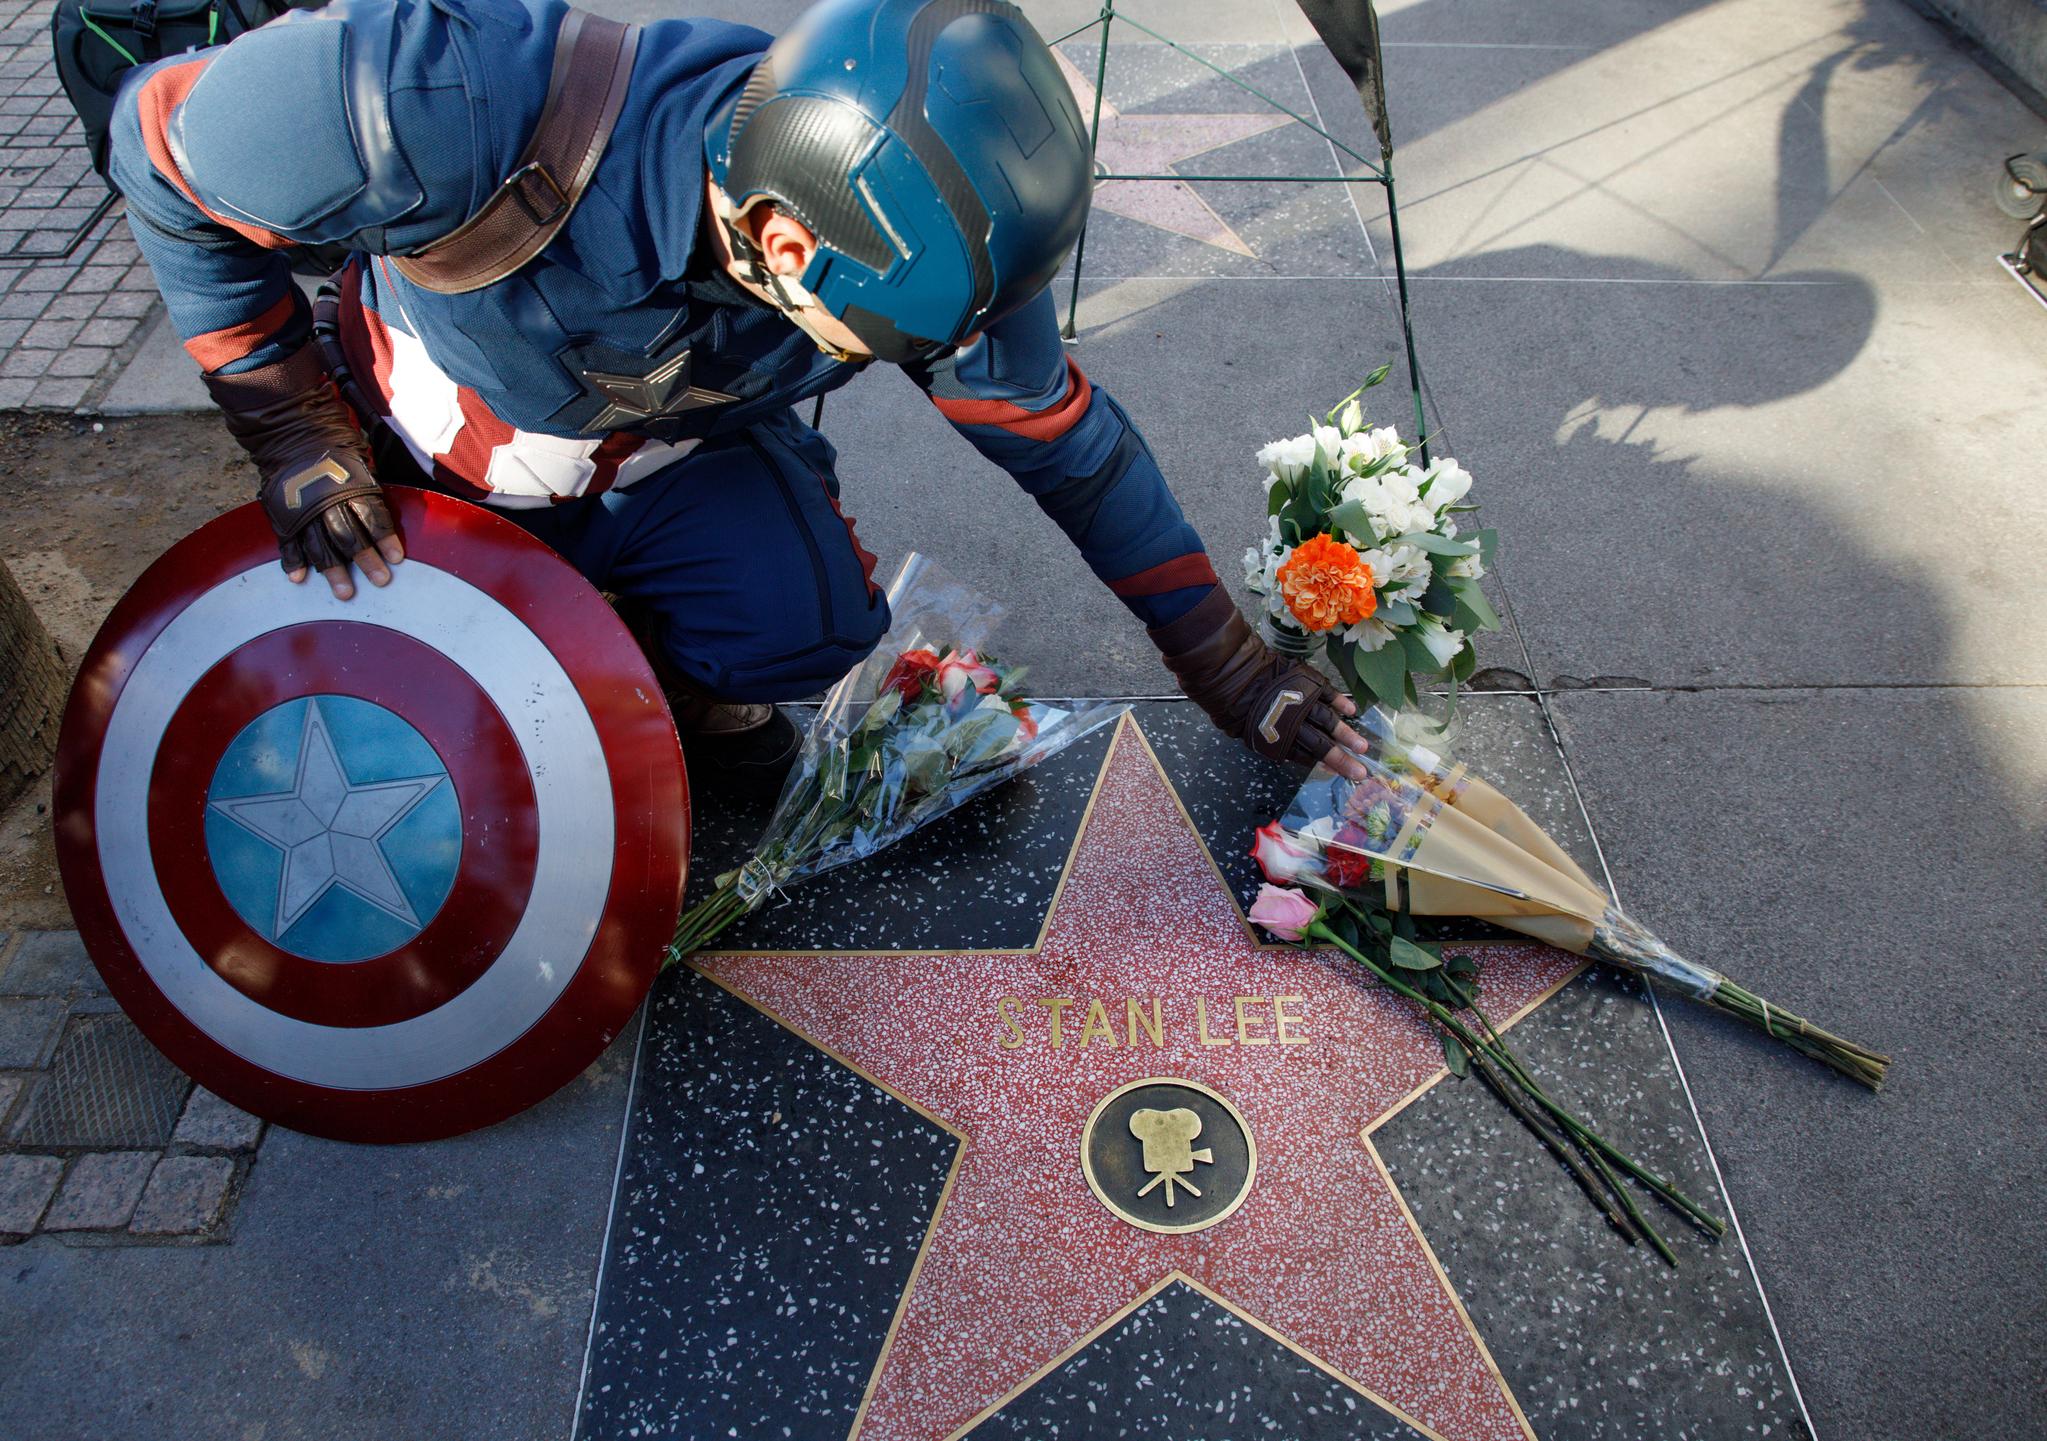 캡틴 아메리카 분장을 한 시민이 12일(현지시간) 스탠 리를 추모하 미국 할리우드 명예의 거리에 새겨진 그의 이름 앞에 헌화를 하고 있다. [EPA=연합뉴스]